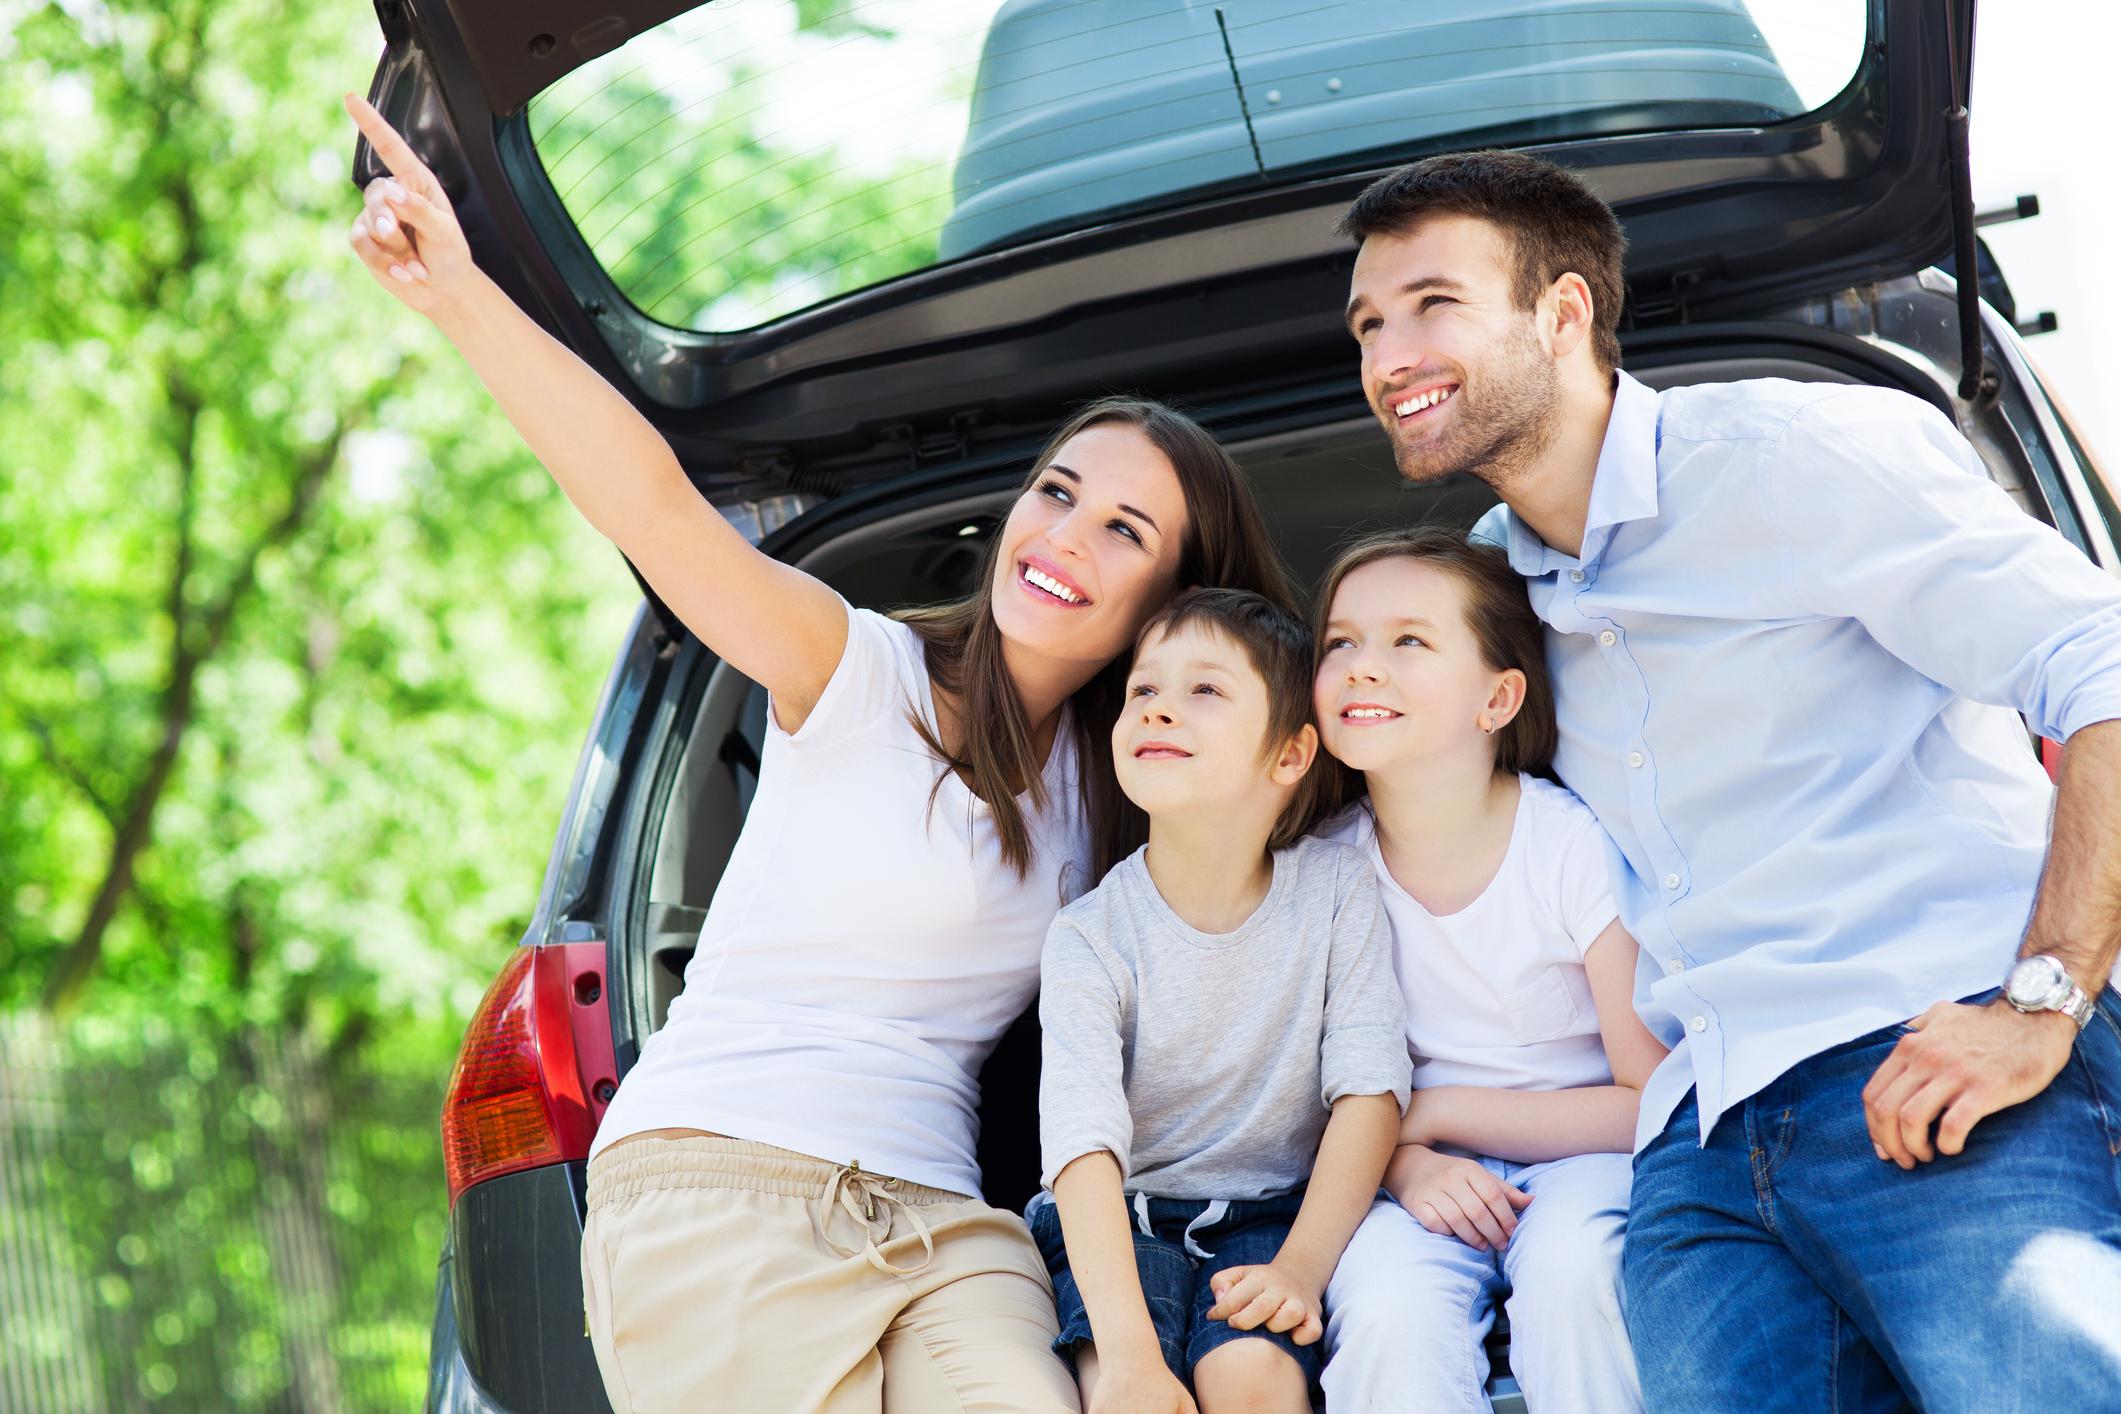 幸せな家族の時間、車広告のイメージ画像